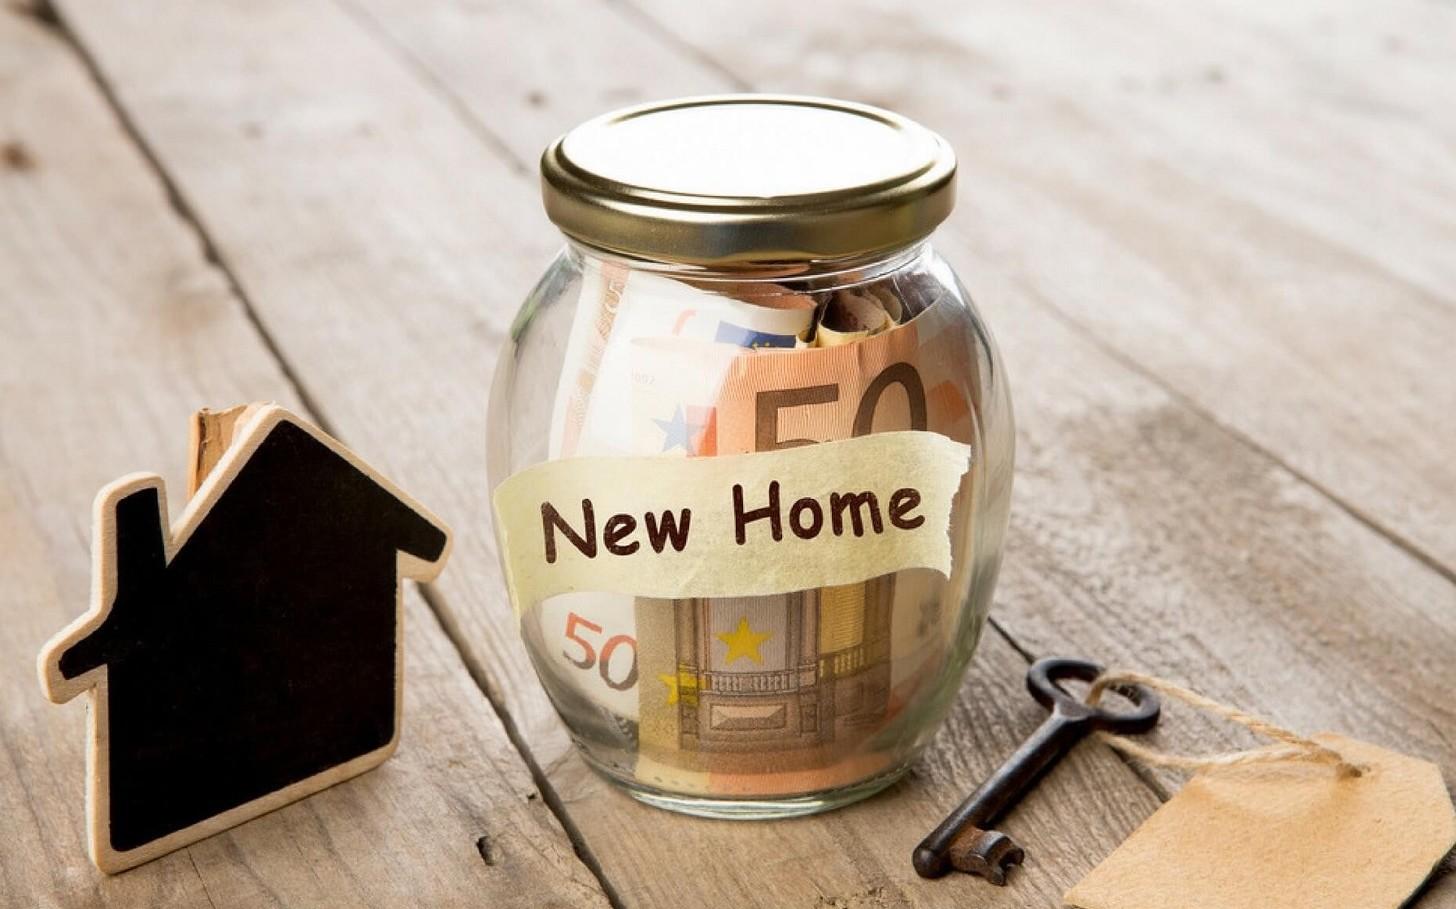 Mutui a tasso fisso la scelta migliore n